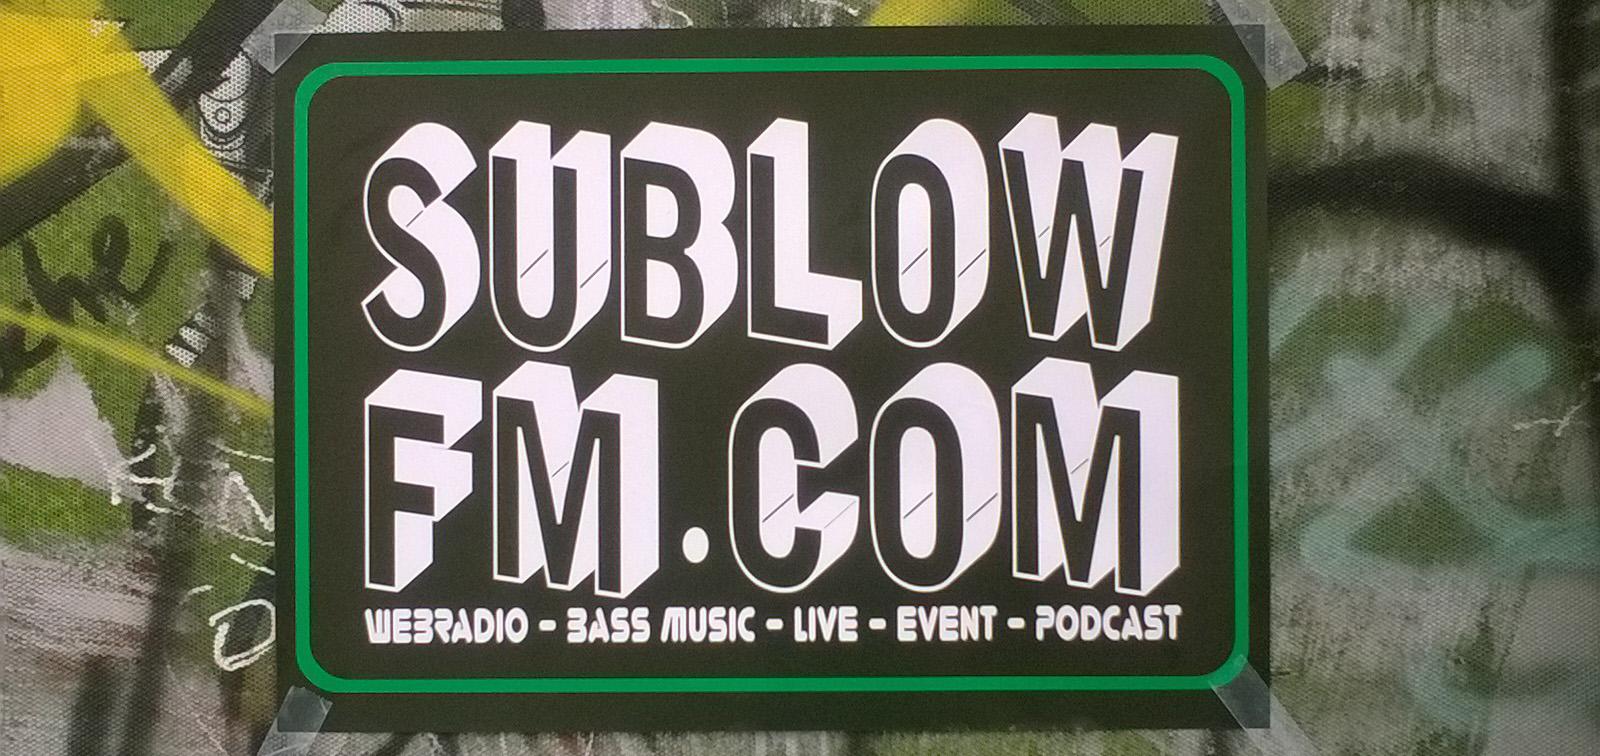 SUBLOW FM